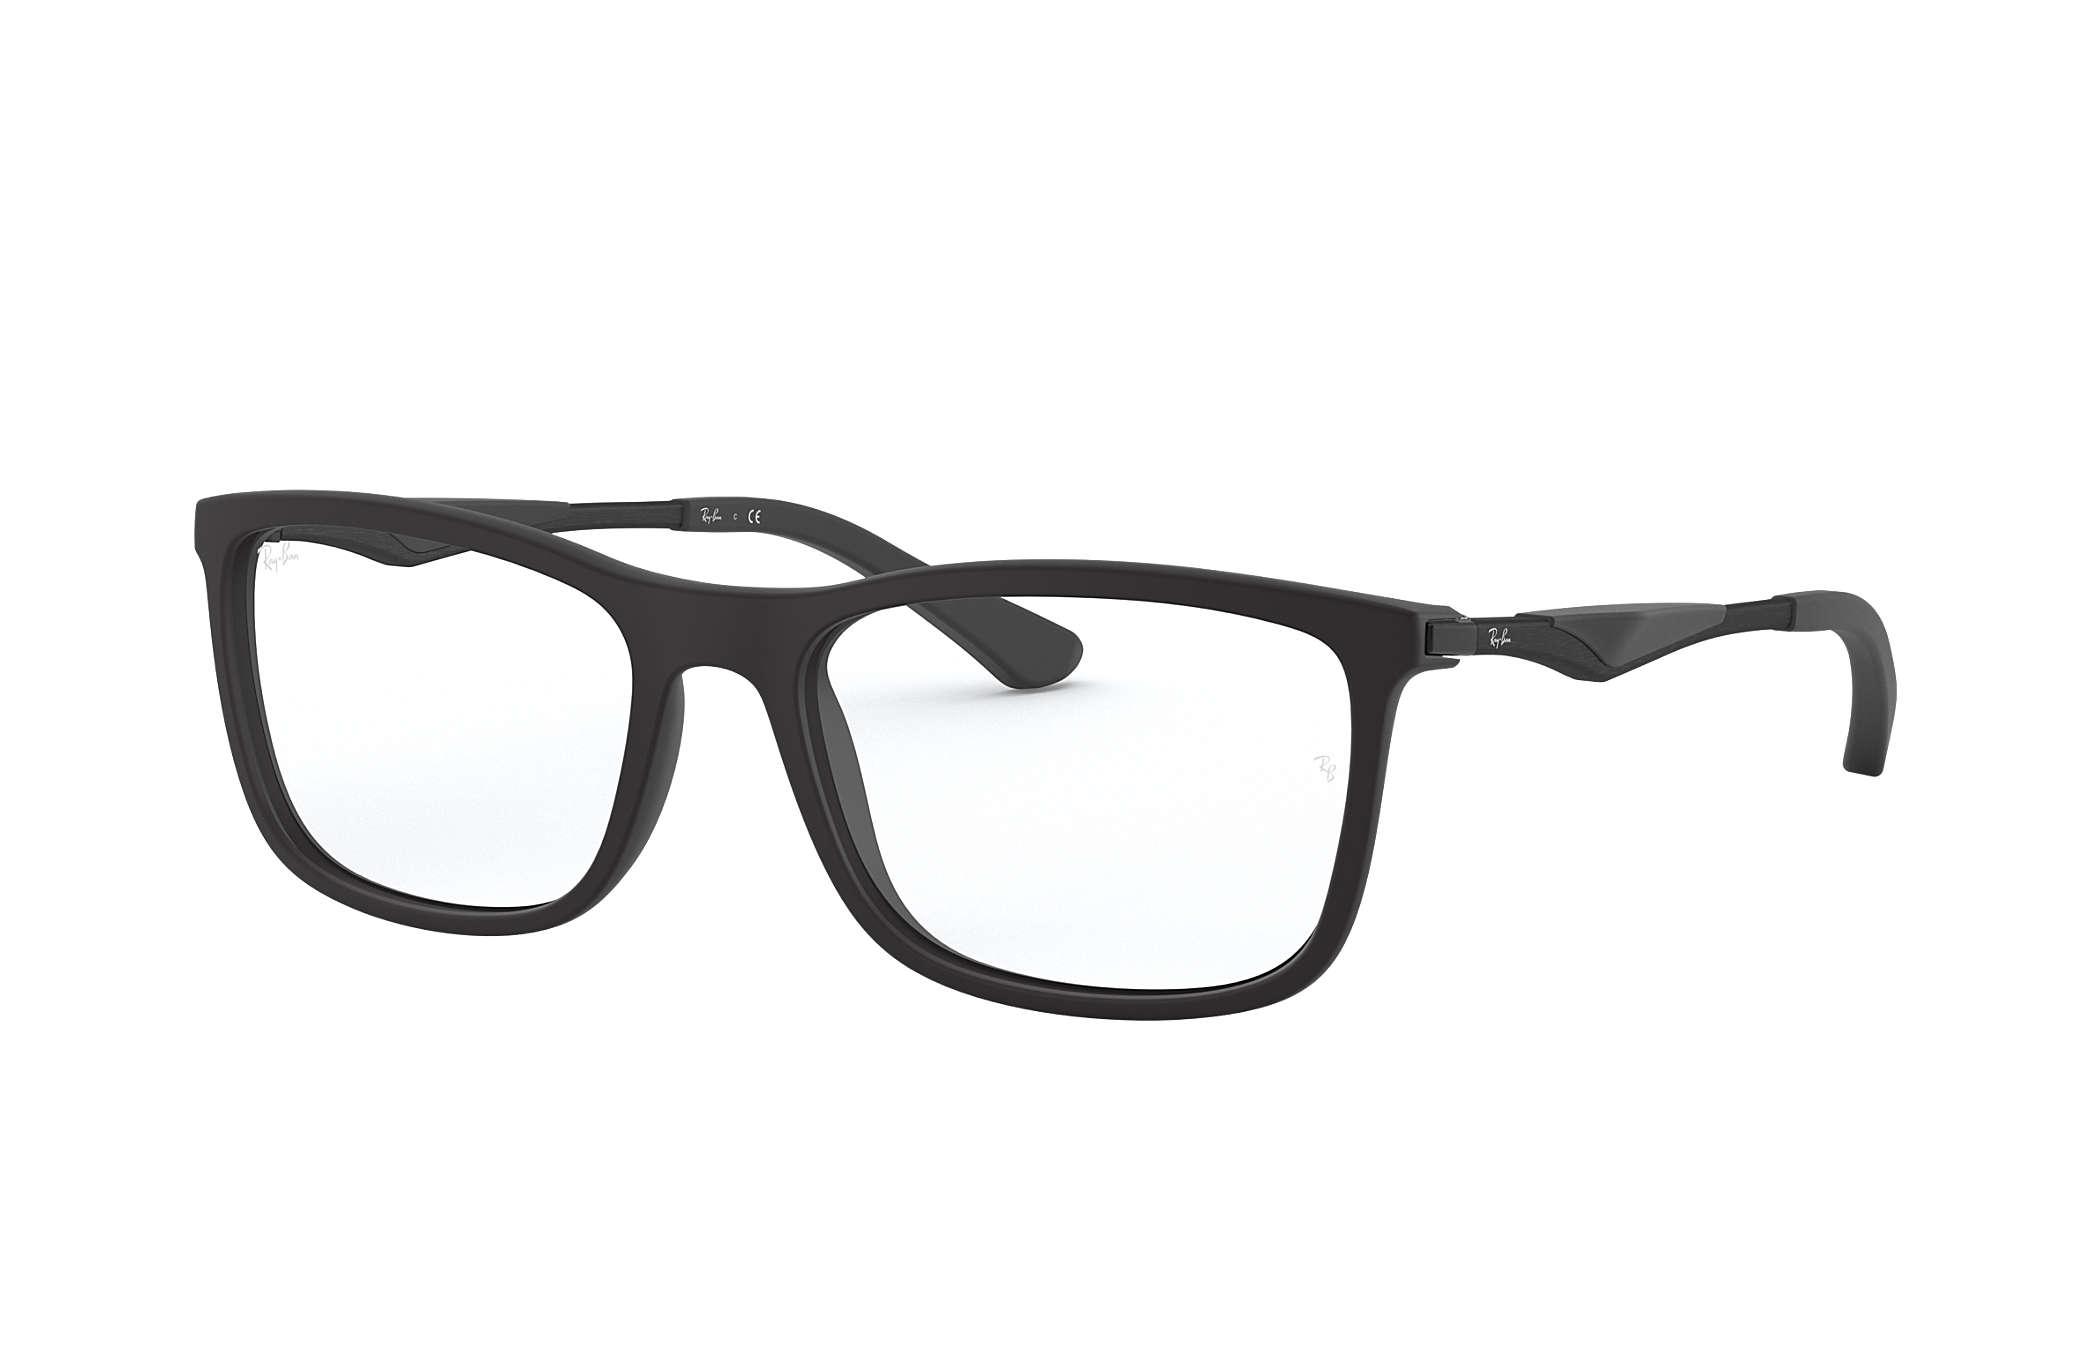 076df21eb55 Ray Ban Optical Rx 7062 Eyeglasses 5575 Blue